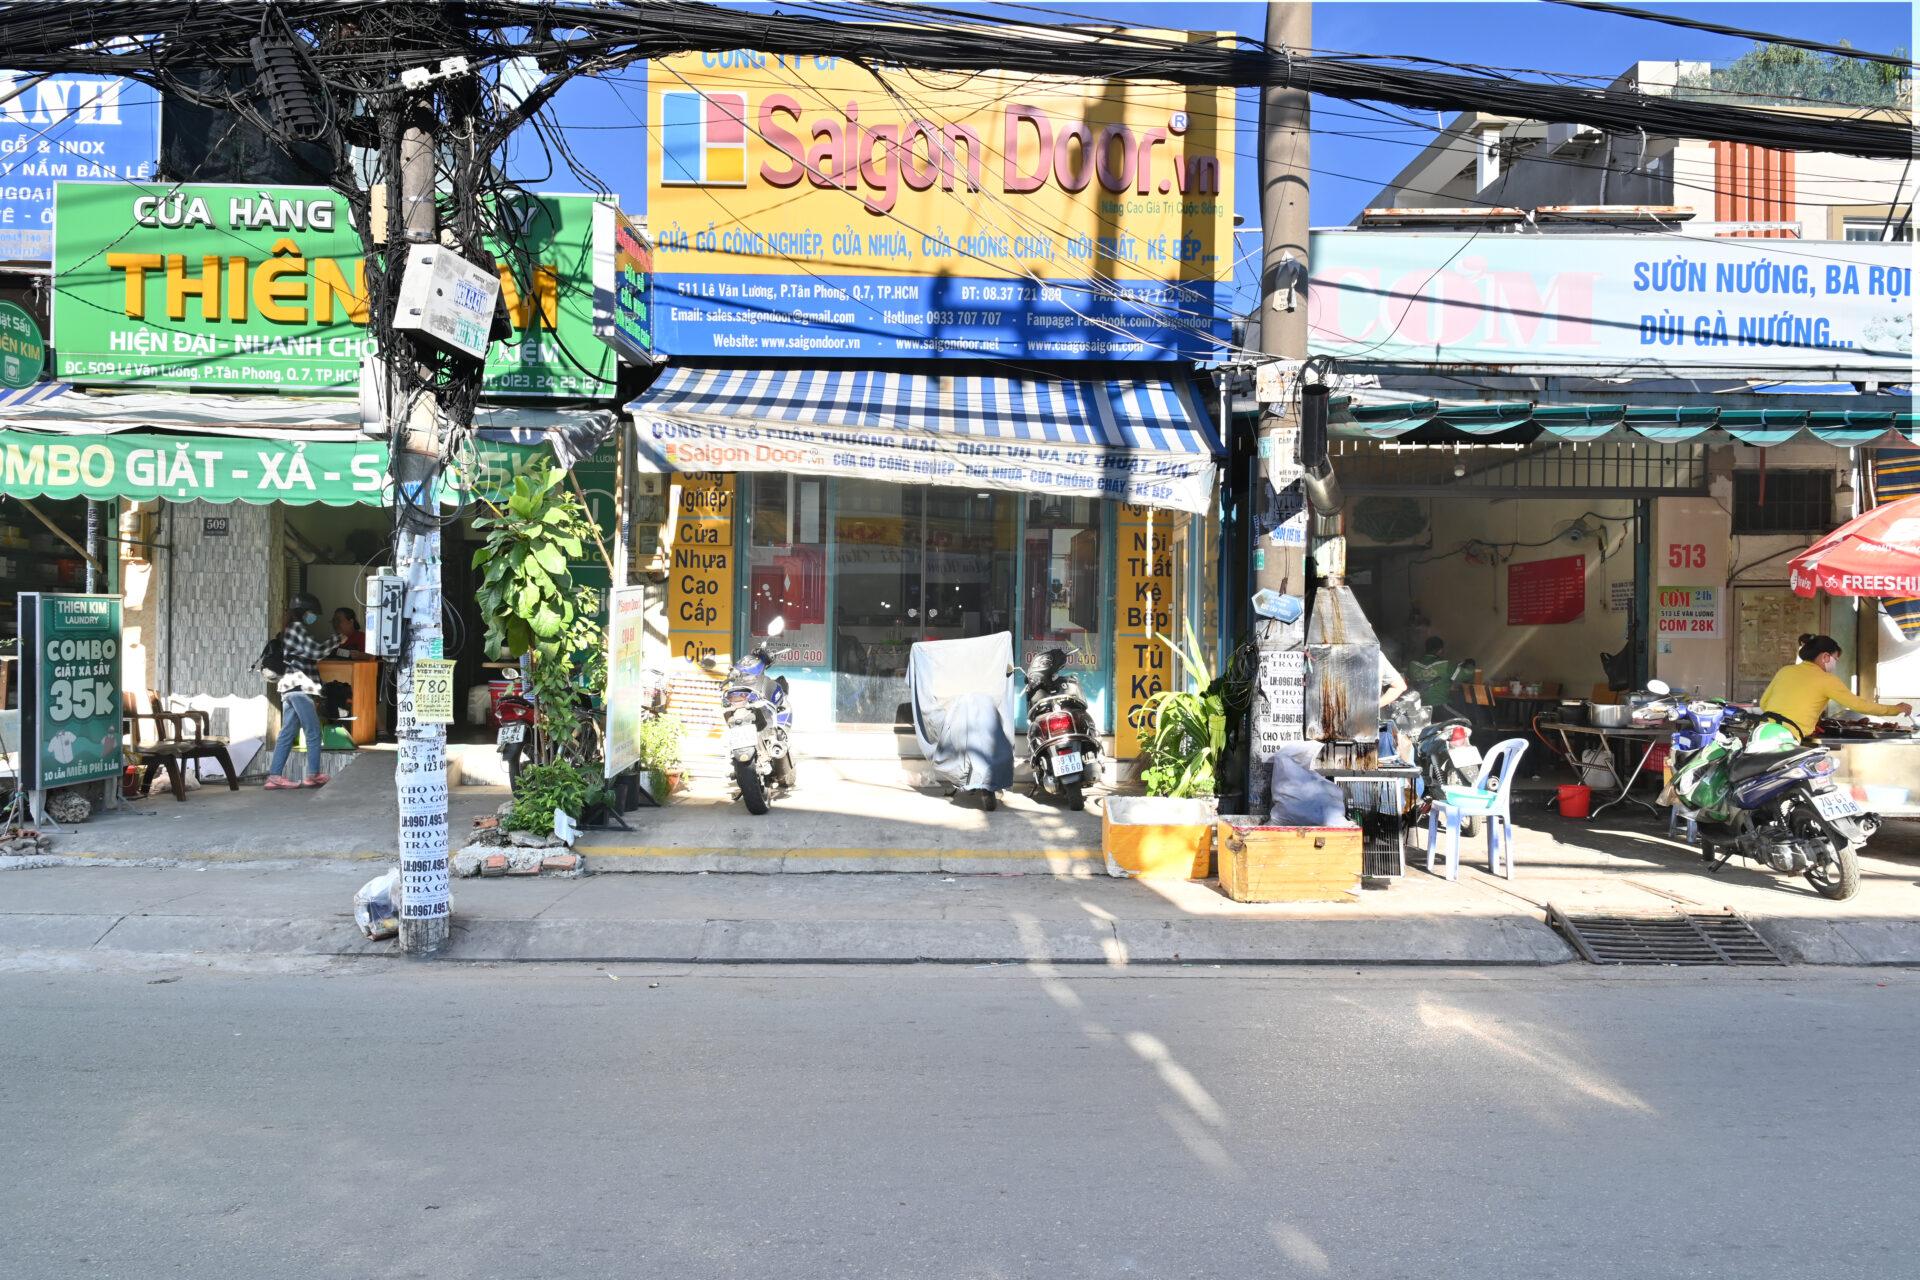 Saigon Door - nơi cung cấp cửa nhựa Composite uy tín